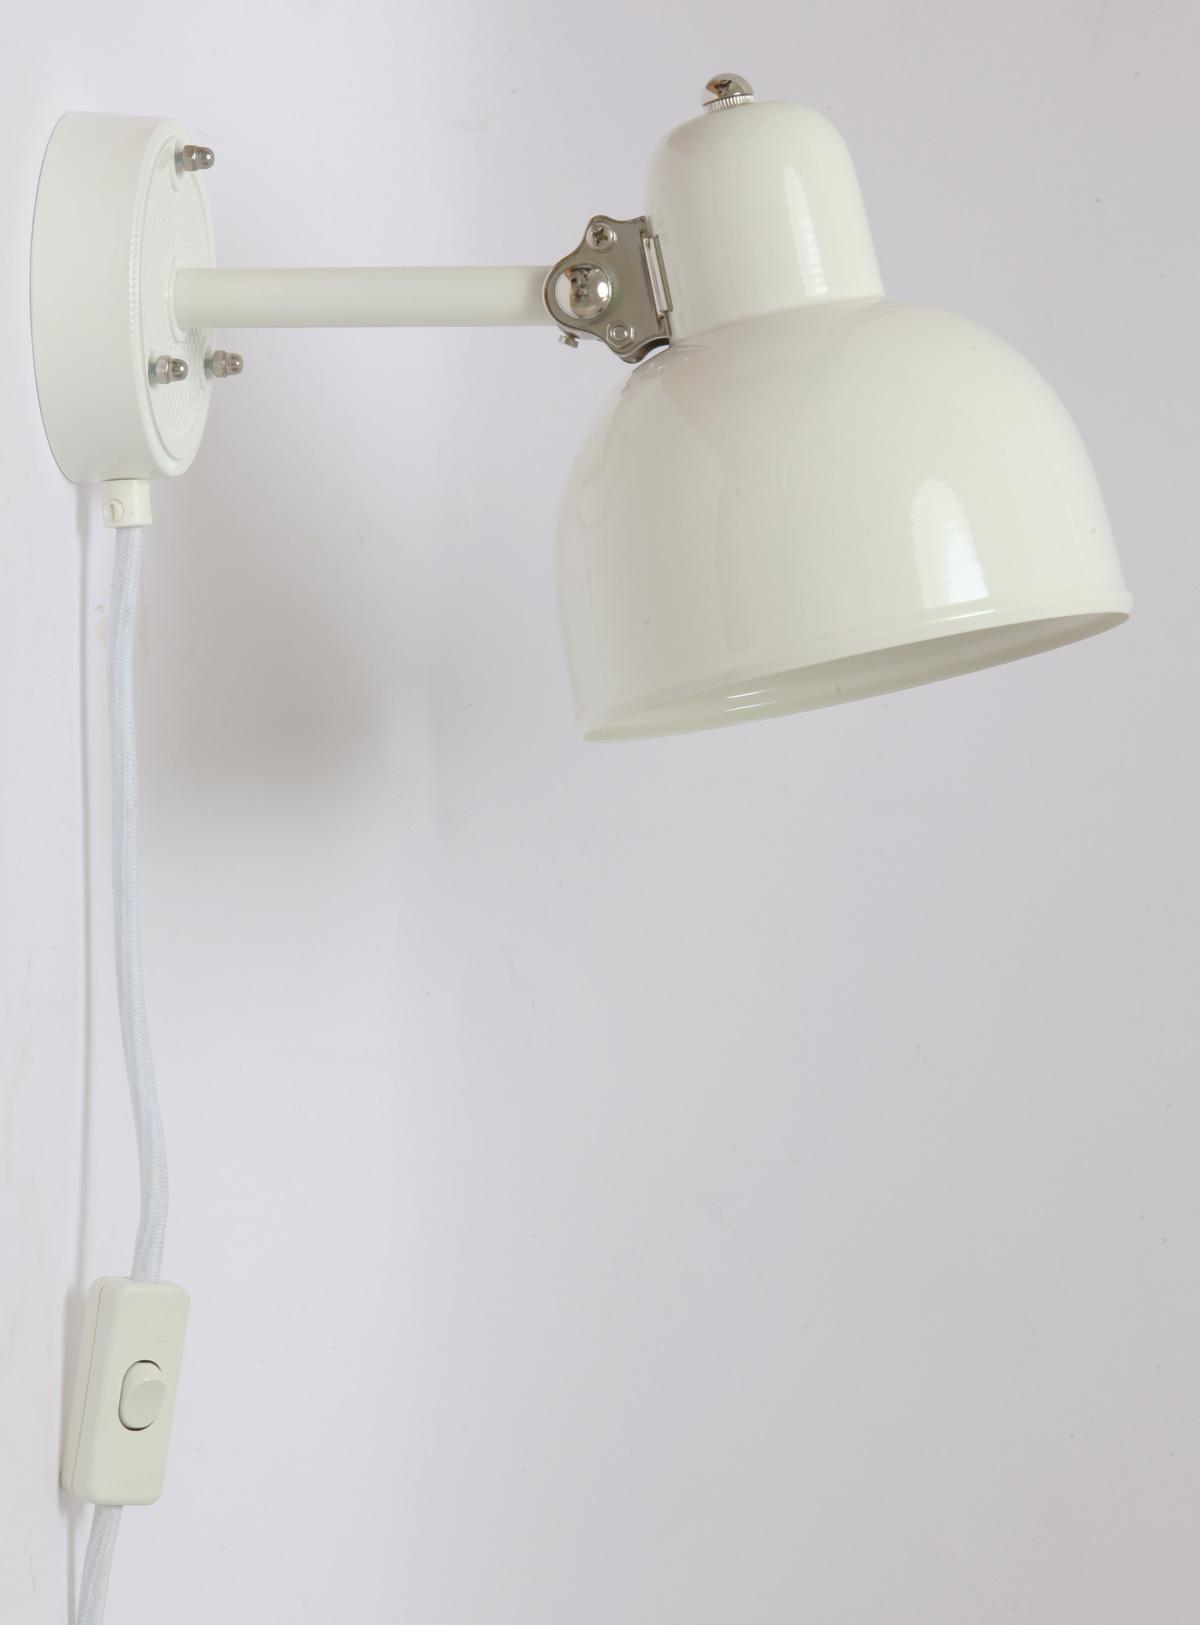 Weiße Küchen-Wandleuchte mit Gelenk DUISBURG von Bolich, Bild 3: Die ...